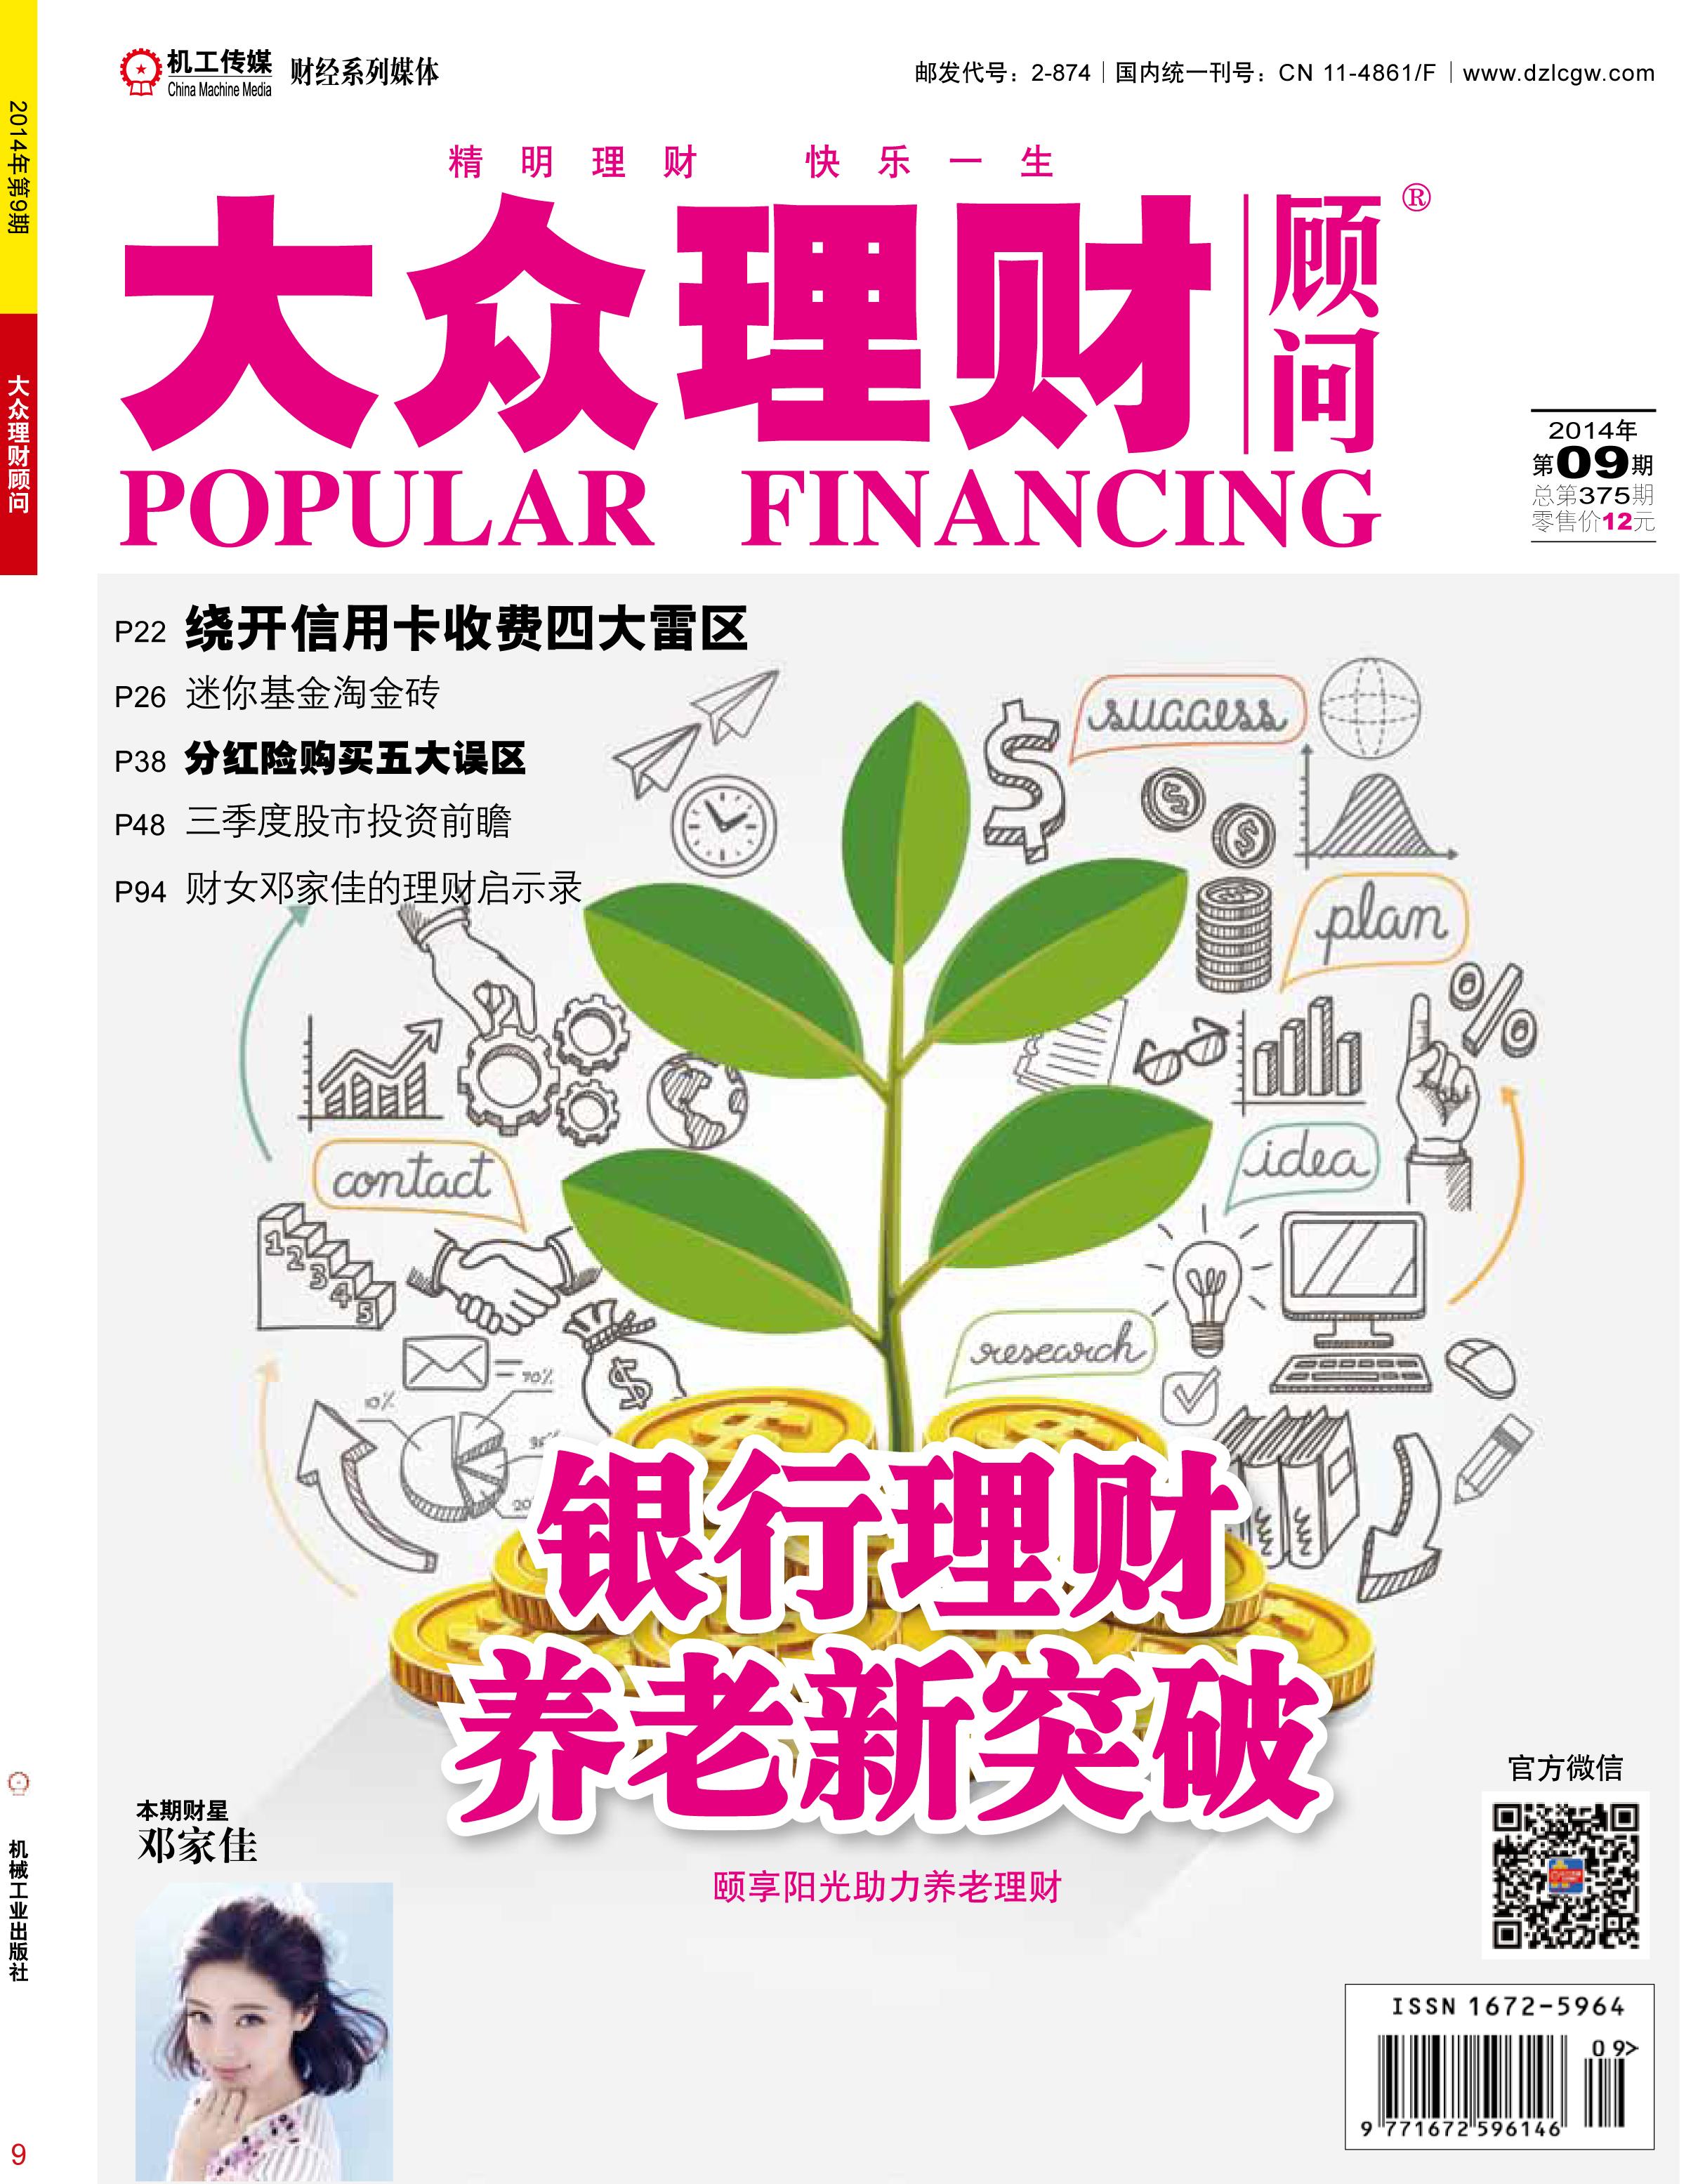 《大众理财》9月刊